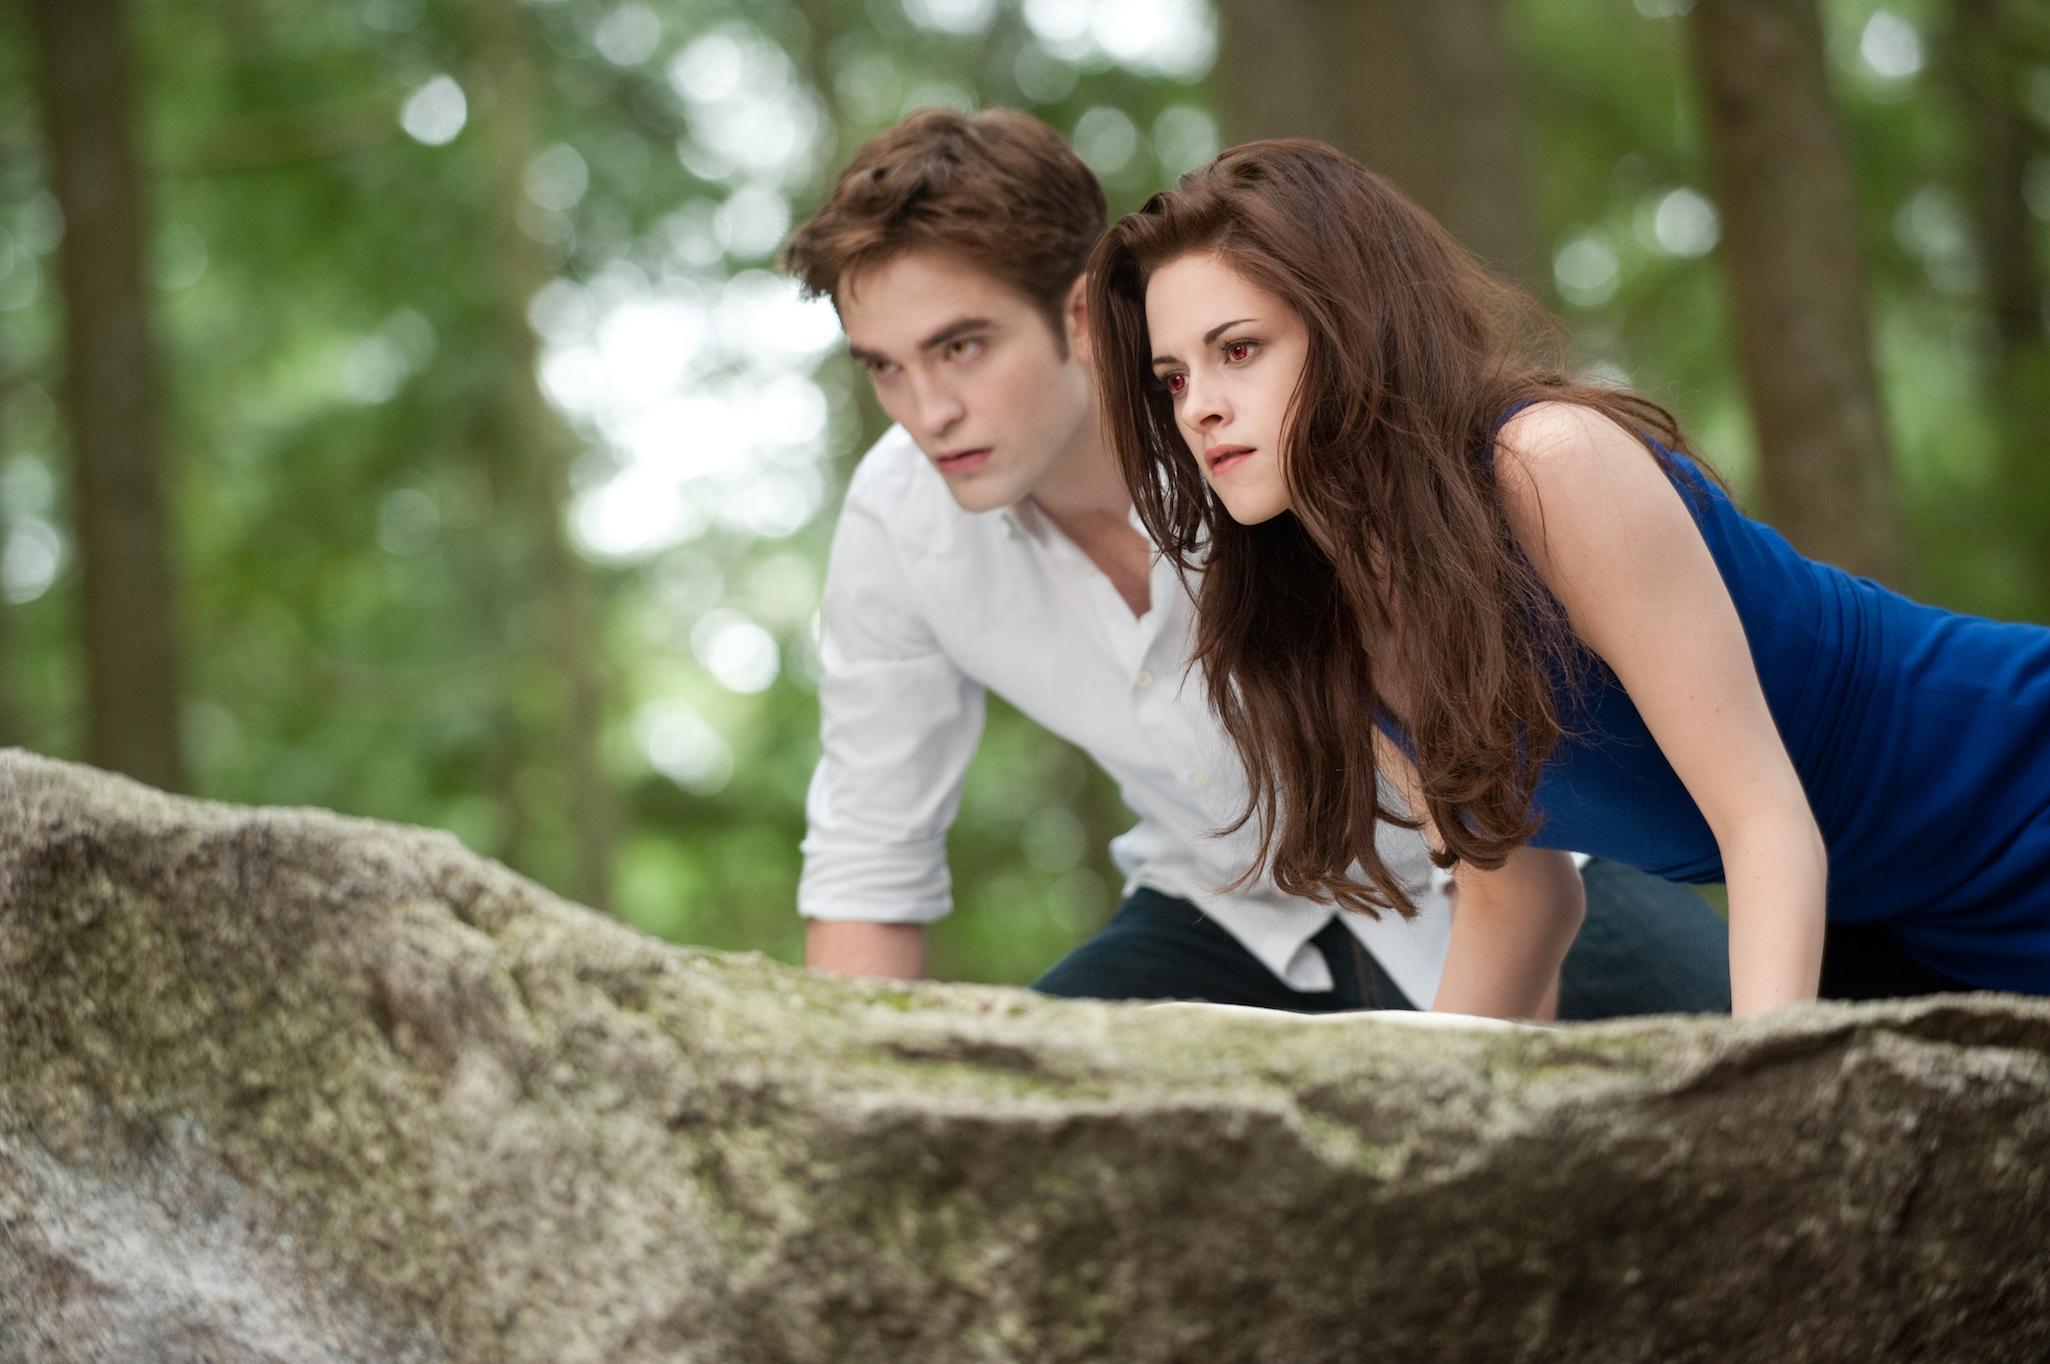 Edward Cullen (ROBERT PATTINSON) and Bella Swan (KRISTEN STEWART) in 'THE TWILIGHT SAGA: BREAKING DAWN-PART 2'